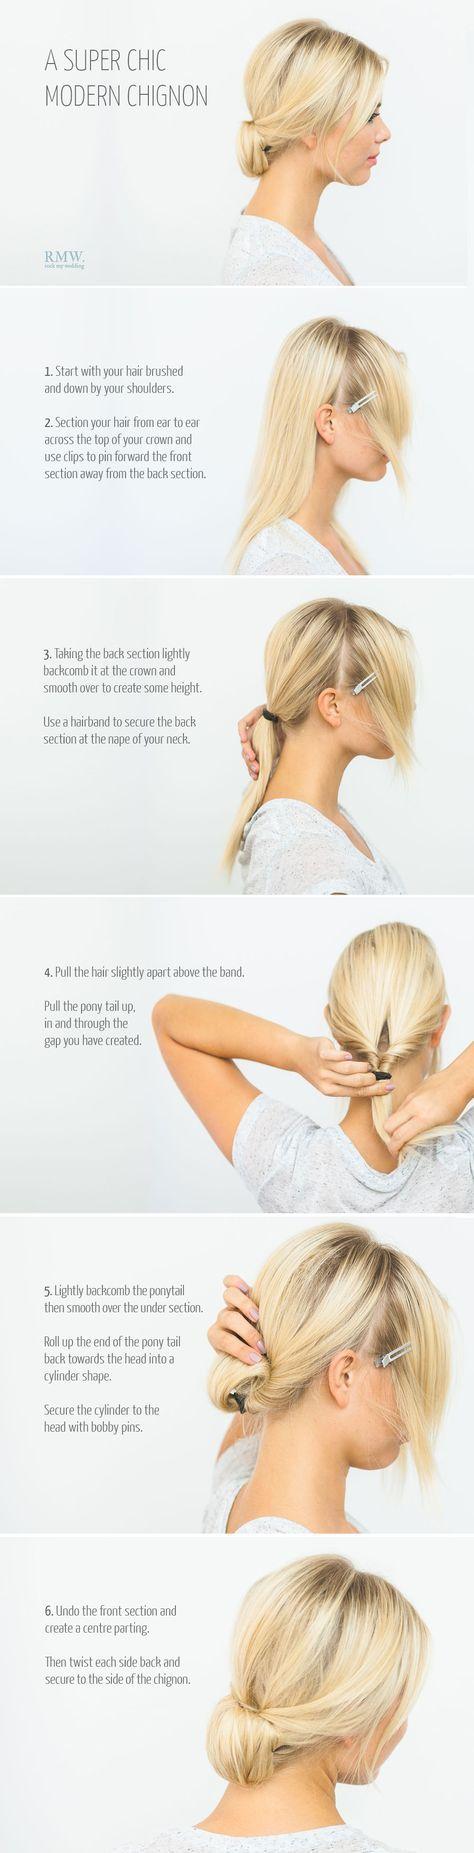 41 Ideen für Frisuren Brötchen niedrige Chignons